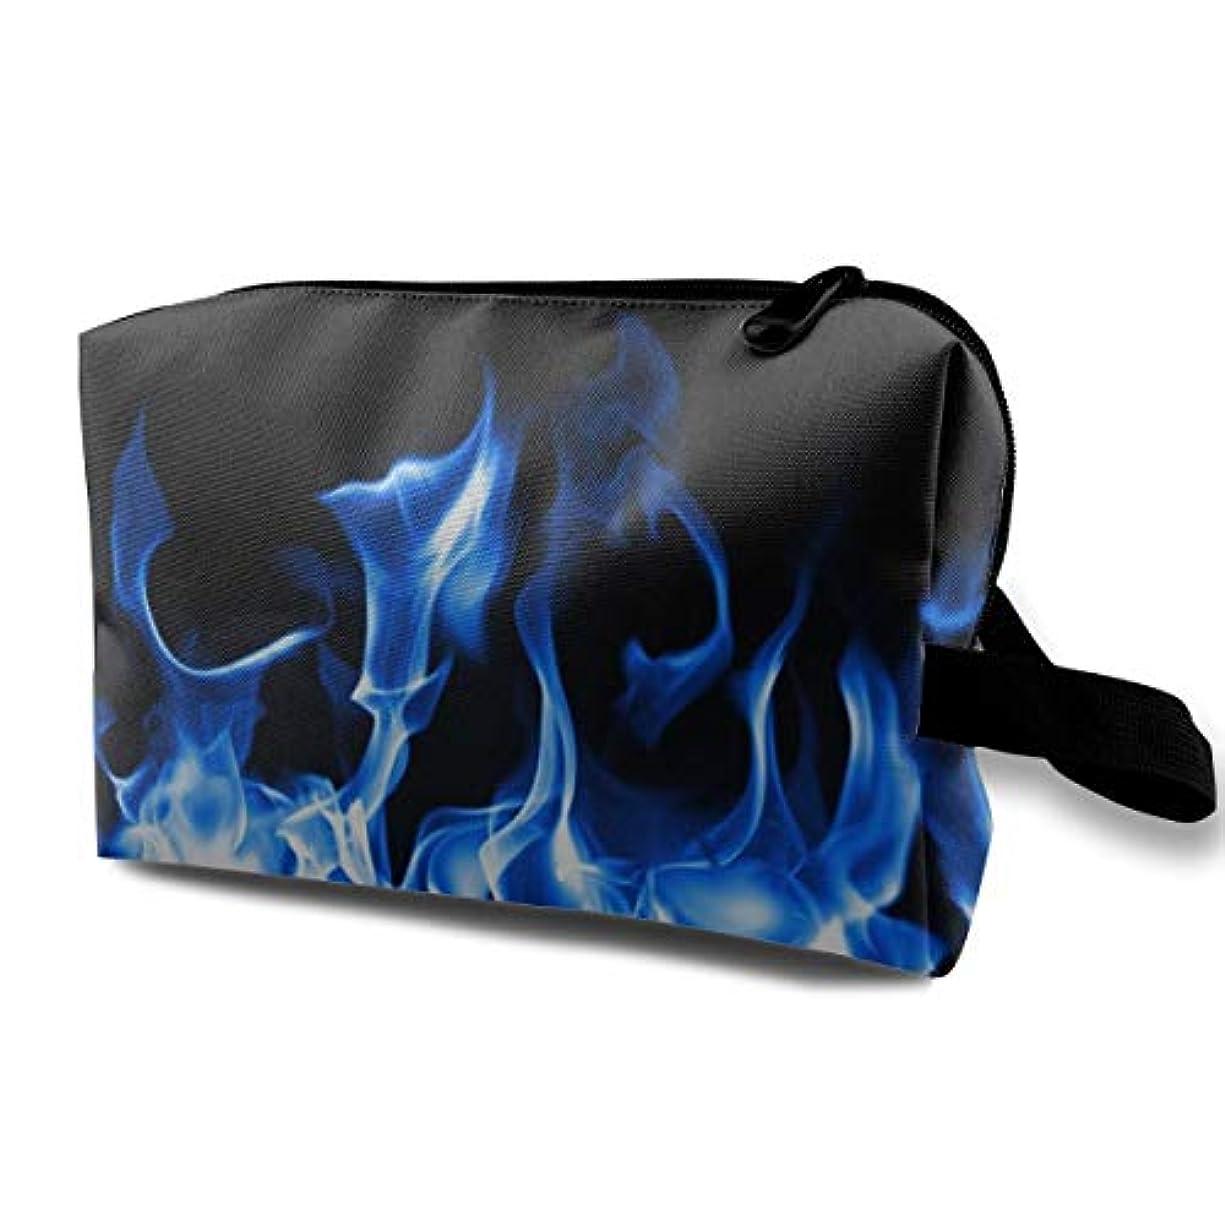 合図取り組むレッドデートBlue Fire 収納ポーチ 化粧ポーチ 大容量 軽量 耐久性 ハンドル付持ち運び便利。入れ 自宅?出張?旅行?アウトドア撮影などに対応。メンズ レディース トラベルグッズ